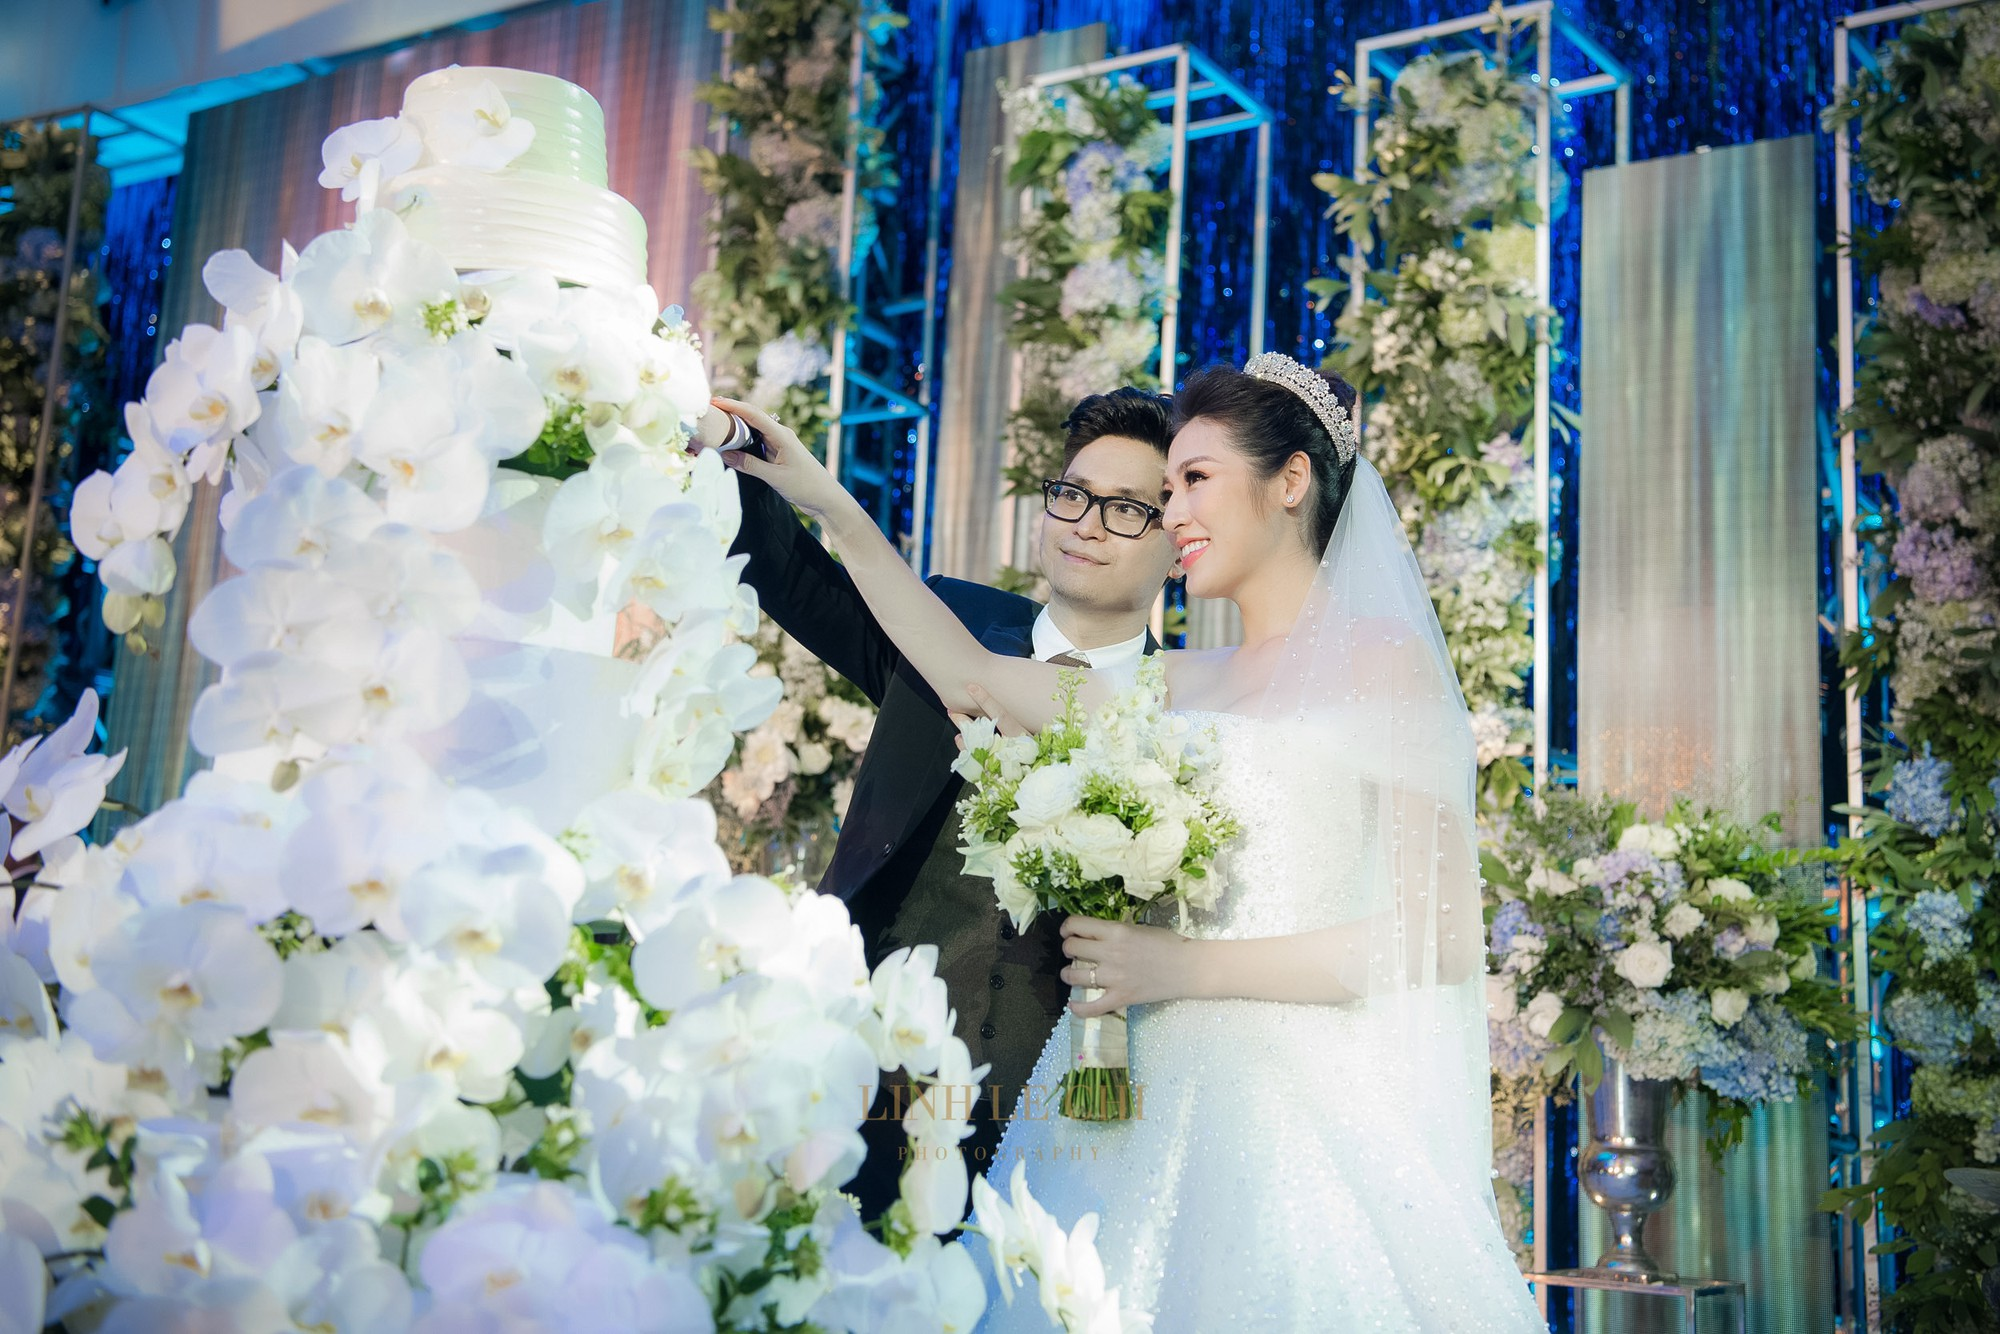 Ảnh đẹp: Á hậu Tú Anh nũng nịu ôm chặt ông xã trong tiệc cưới sang trọng ở Hà Nội - Ảnh 12.